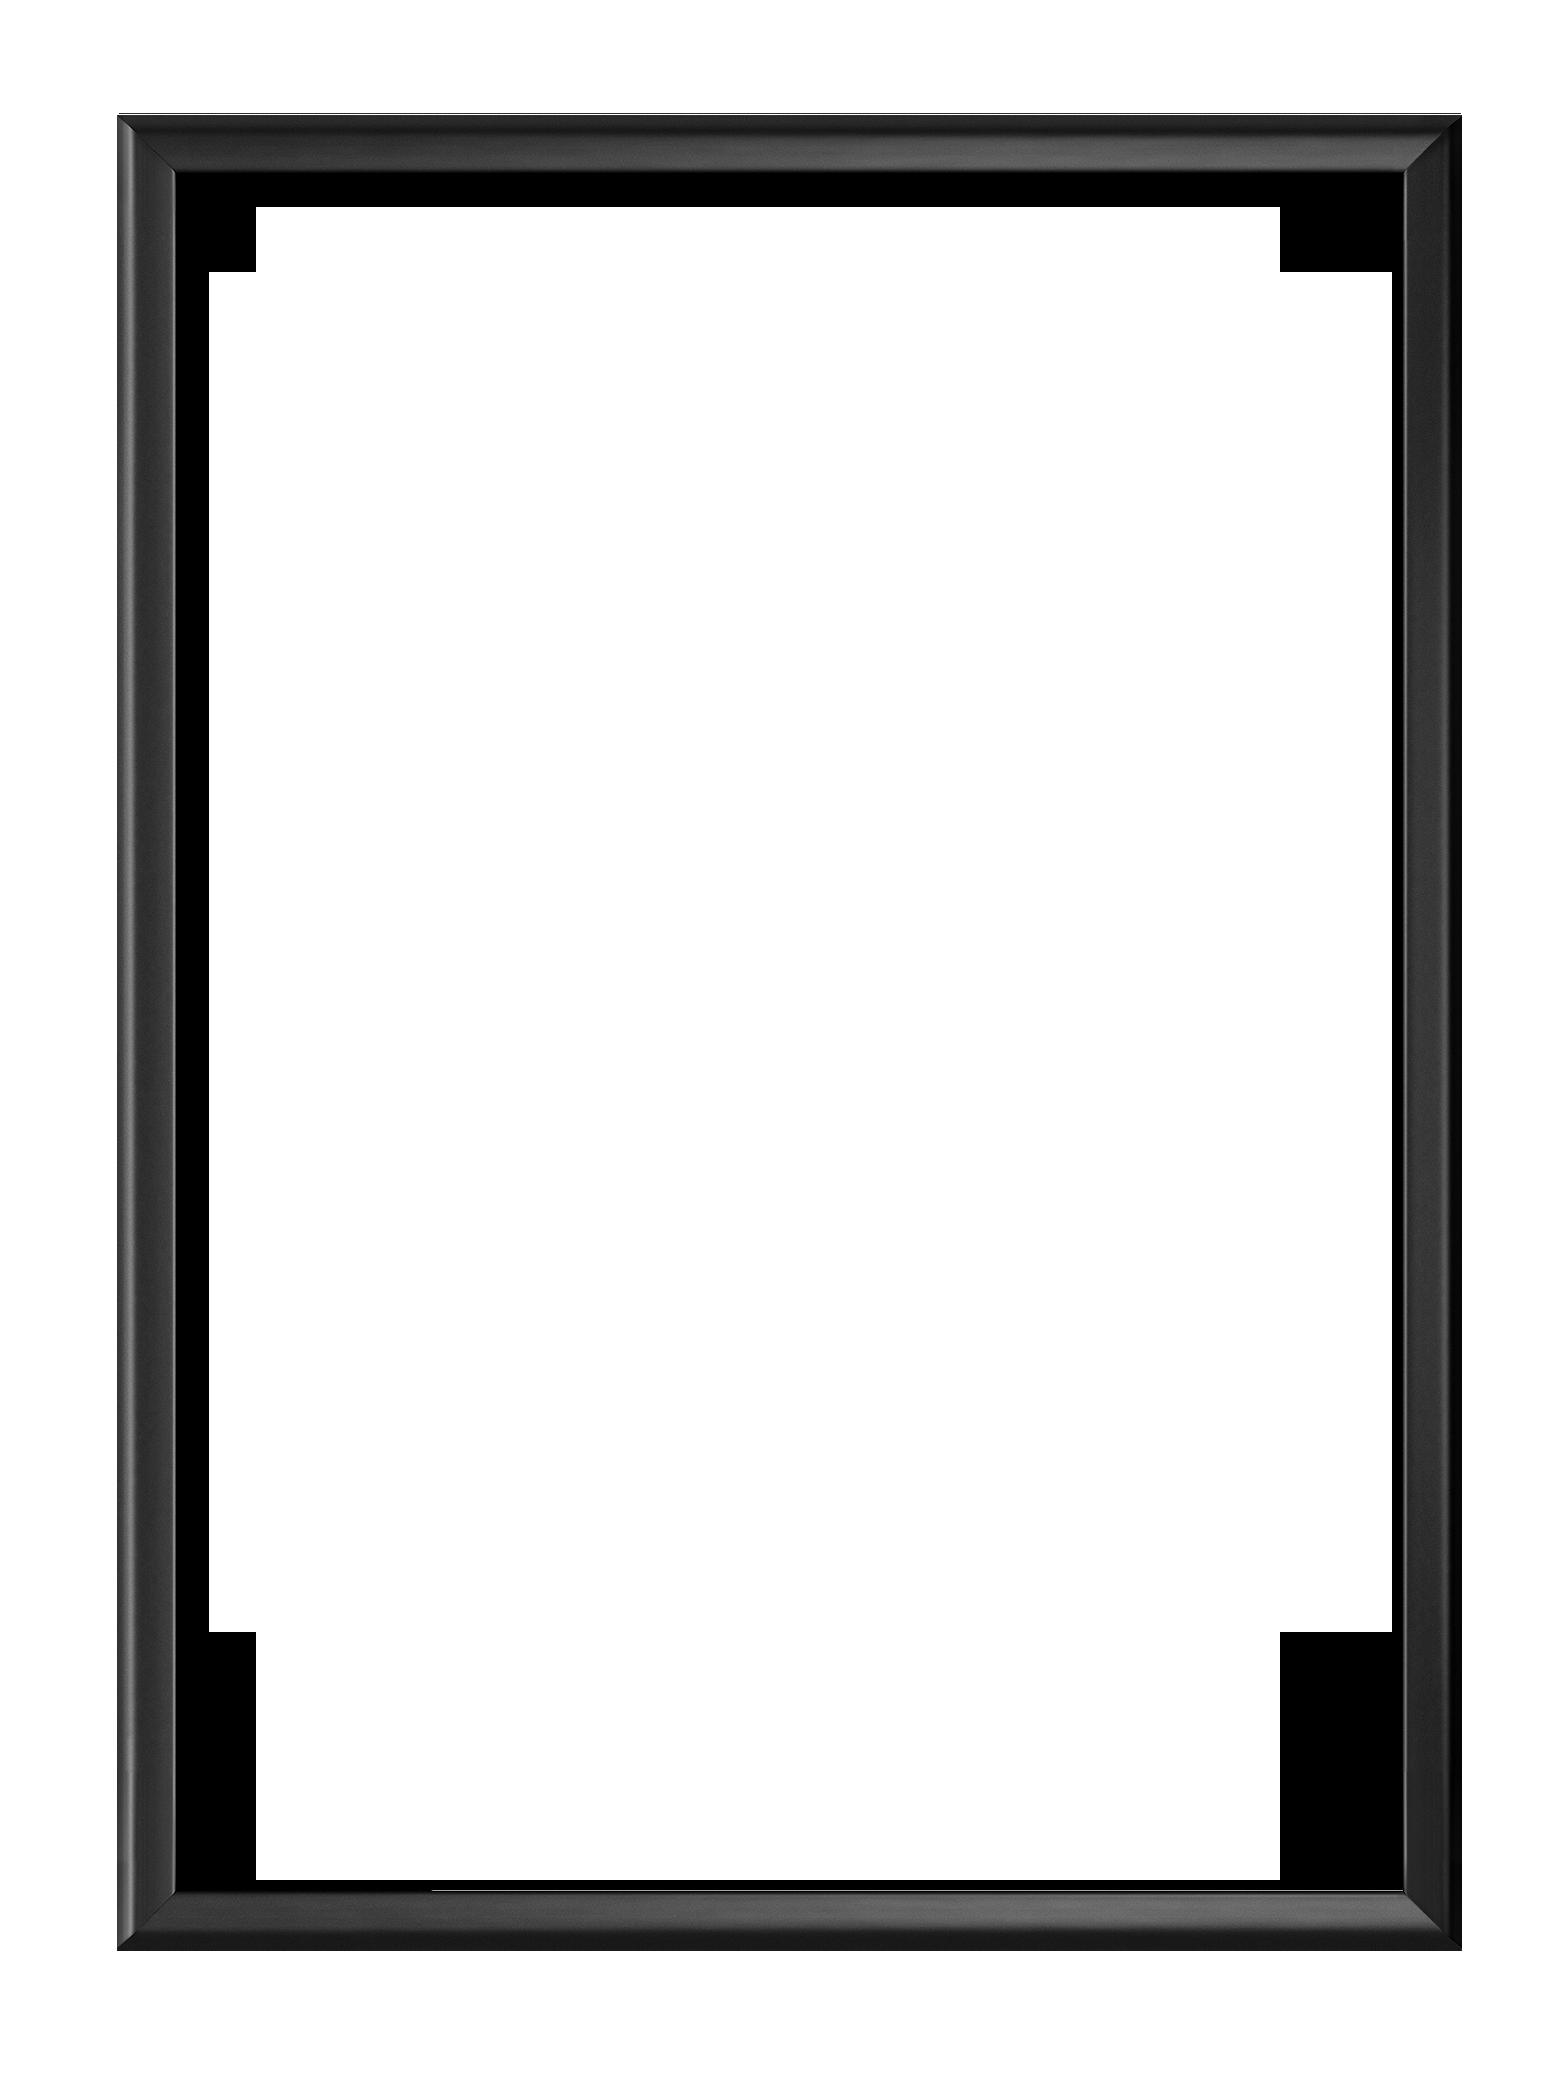 for free download. Black frame png